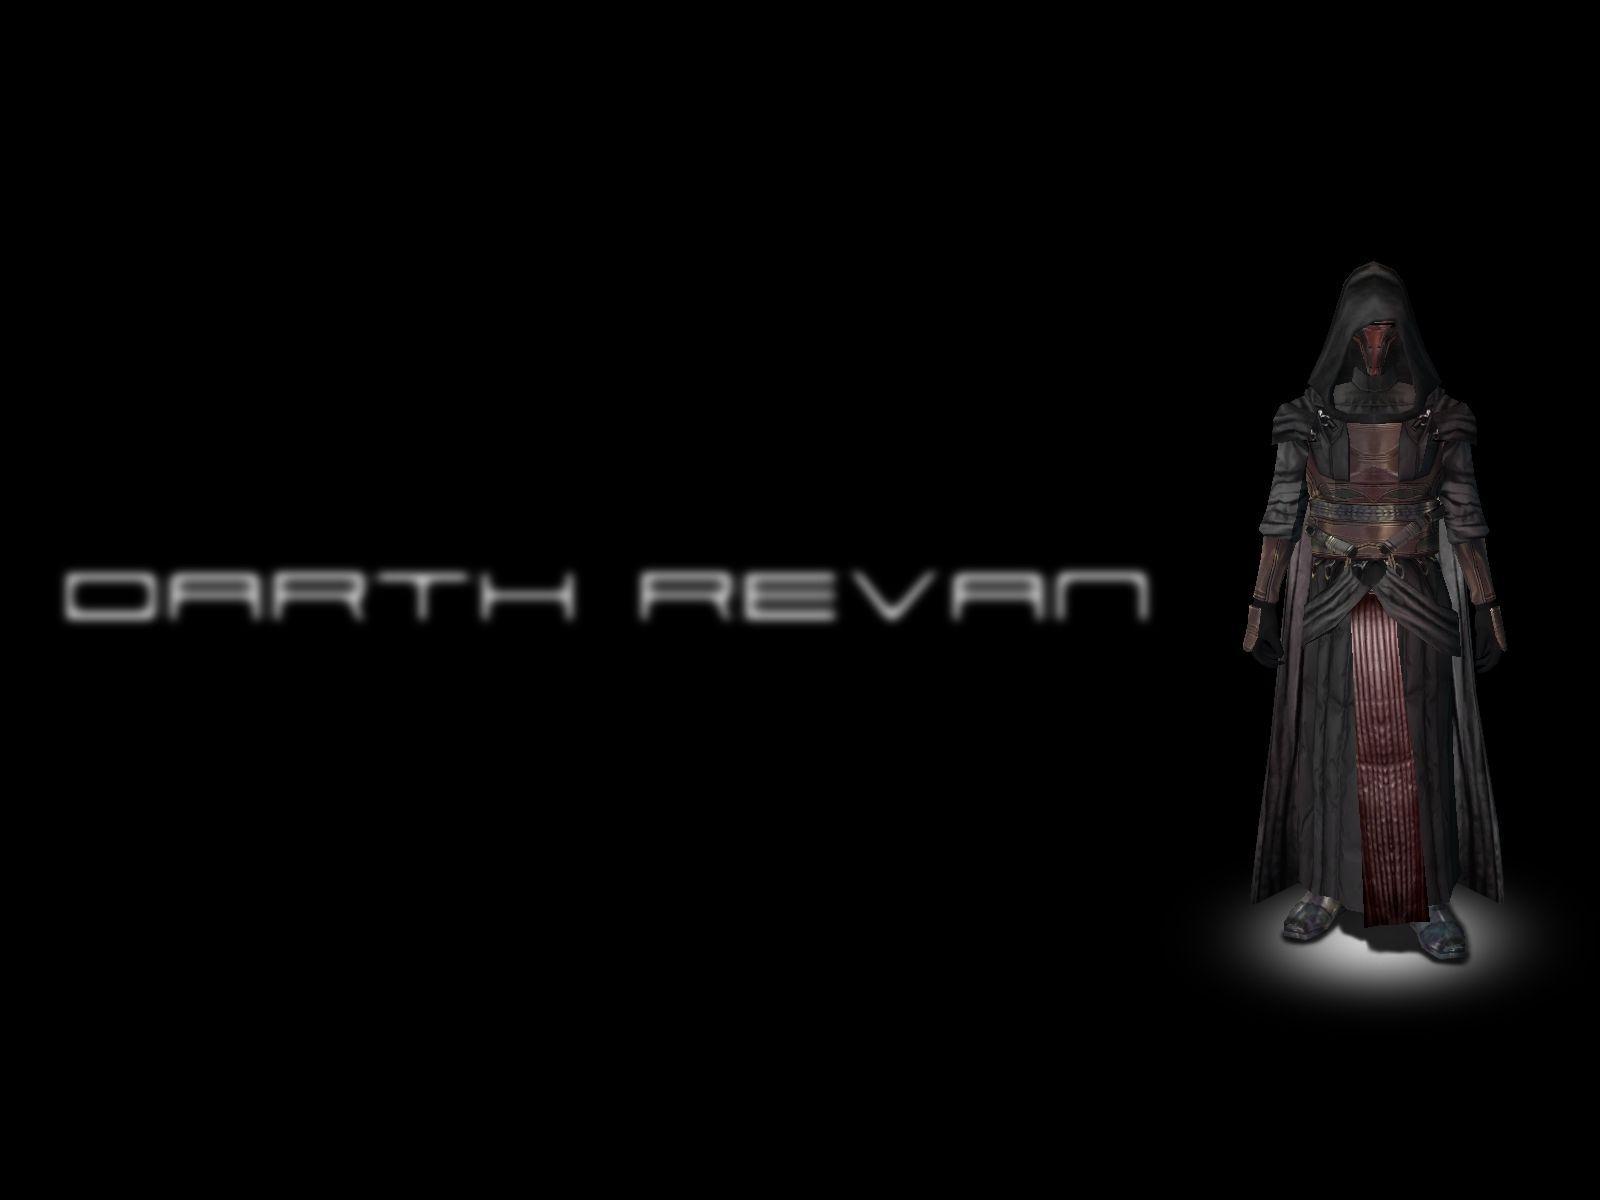 Similiar Darth Revan Wallpaper Keywords